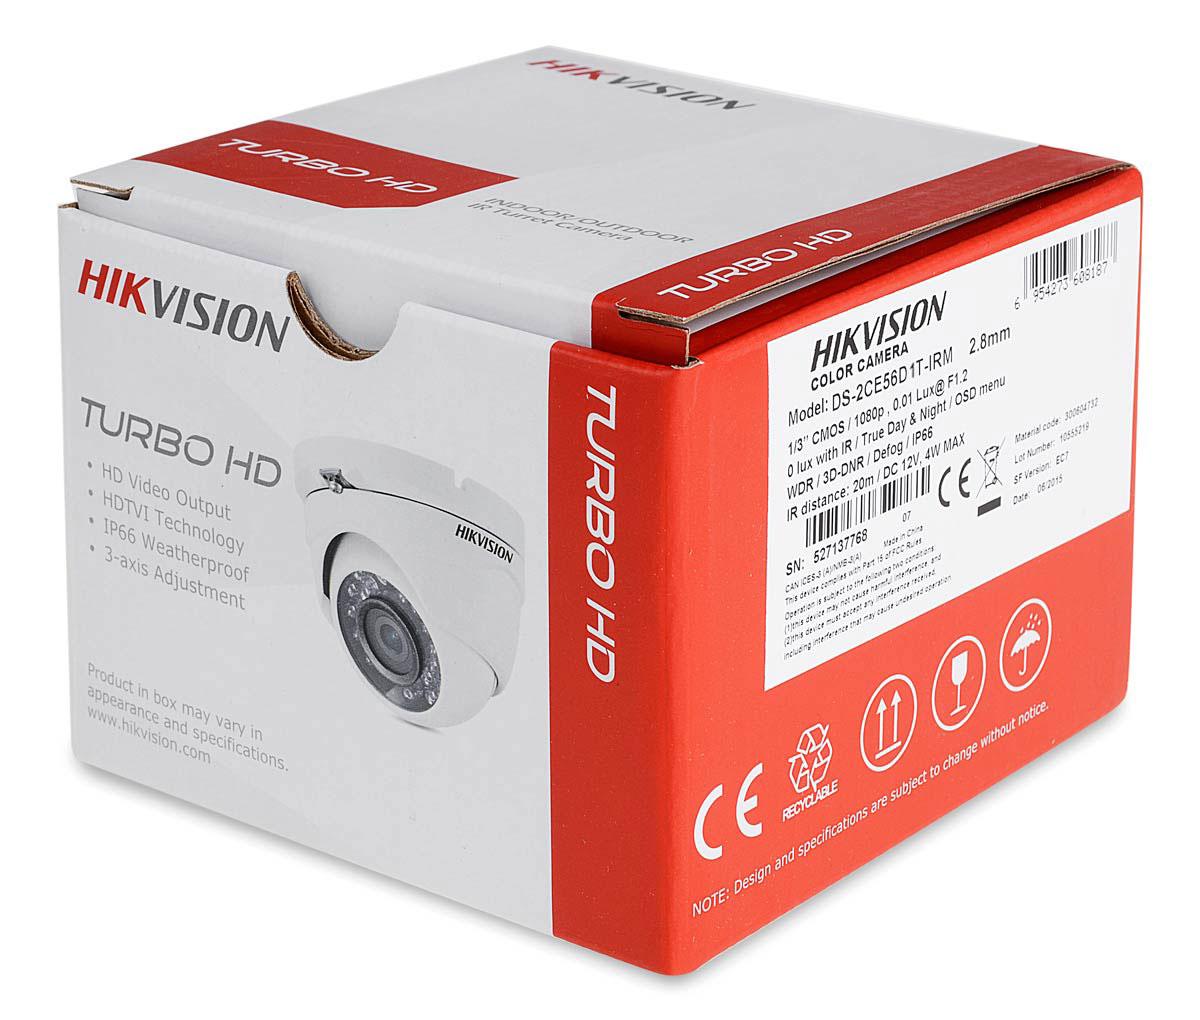 Opakowanie kamery DS-2CE56D1T-IRM